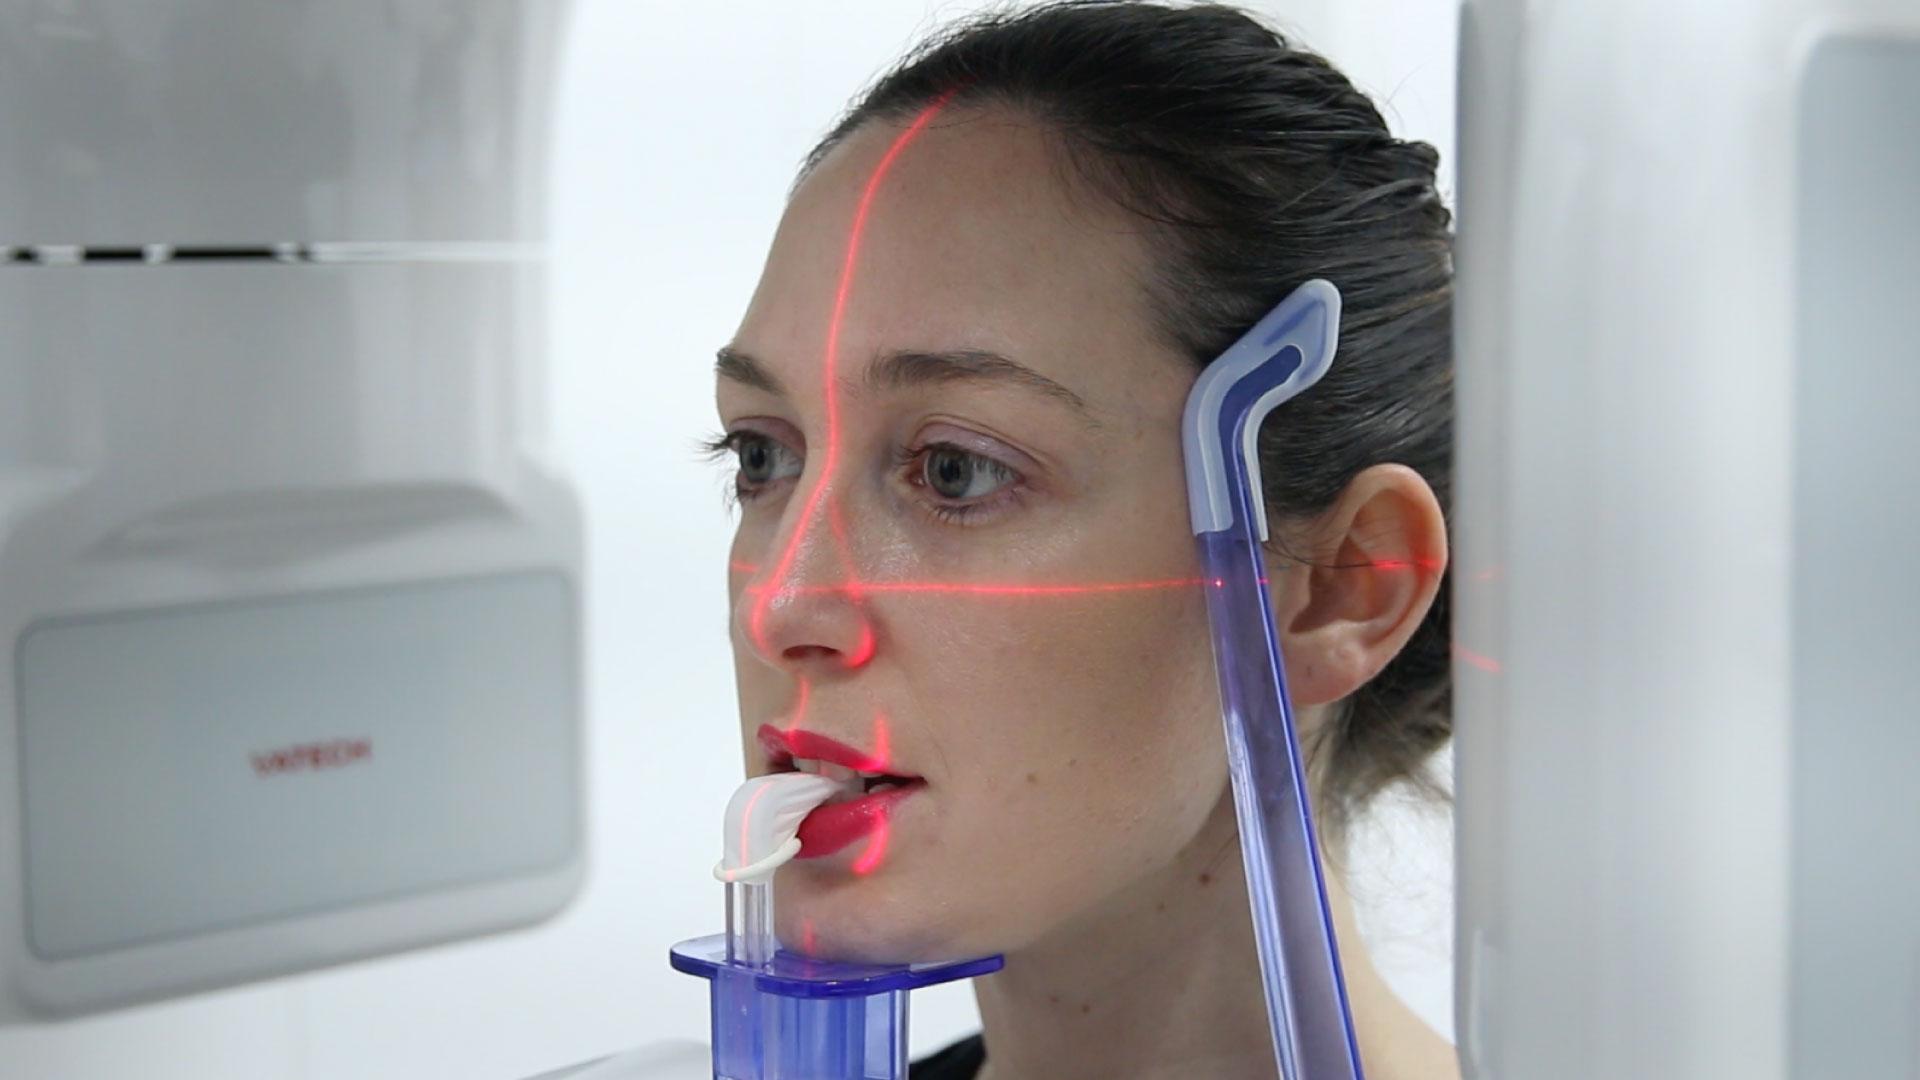 En esta Masterclass <b>Impresión 3D en odontología derivado desde el CBCT</b>, impartida por el doctor Pedro Guitián, explicaremos la <b>impresión 3D</b> en odontología y las ventajas de utilizar esta herramienta en nuestra clínica. <br /><br />  Utilizar nuevas tecnologías en tu trabajo diario como odontólogo es vital y necesario a la hora de elegir un tratamiento adecuado para cada paciente en la clínica. Gracias a esta Masterclass <b>Impresión 3D en odontología derivado desde el CBCT</b> podrás profundizar tu conocimiento en las nuevas tecnologías usadas en el <b>sector de odontología</b> y conocer <b>para qué sirve la impresión 3D</b>. En definitiva, la aplicación de esta innovación que es <b>impresión 3D y su uso en odontología</b> te facilitará tu trabajo obteniendo mejores resultados. <br /><br />  Todas nuestras Masterclass están impartidas por los mayores expertos en odontología. Gracias a nuestra Masterclass <b>Impresión 3D en odontología derivado desde el CBCT</b> y otras como esta, que forman parte de la serie <b>Diagnóstico en Implantología</b> podrás desarrollar y actualizar tus conocimientos sobre<b>cómo realizar un buen diagnóstico al paciente</b>,alcanzando una formación avanzada y permitiéndote profundizar en el tema de <b>funcionamiento de impresión 3D derivado desde el CBCT y su uso en odontología</b> con criterios científicos y de excelencia, abordando las últimas tendencias y técnicas más actuales en el sector odontológico. <br /><br />  Desde Knotgroup Dental Institute te invitamos a que explores a través de nuestra web y encuentres otras masterclass como <b>Impresión 3D en odontología derivado desde el CBCT</b> para actualizar tus conocimientos y aplicarlos a tu clínica dental, así como la amplia gama de cursos que ofrecemos también sobre <b>Impresión 3D en odontología derivado desde el CBCT</b>, impartidos por los mejores profesionales en el sector de odontología. <br /><br />  Muchas gracias por tu tiempo. Esperamos que aprendas y disfrutes